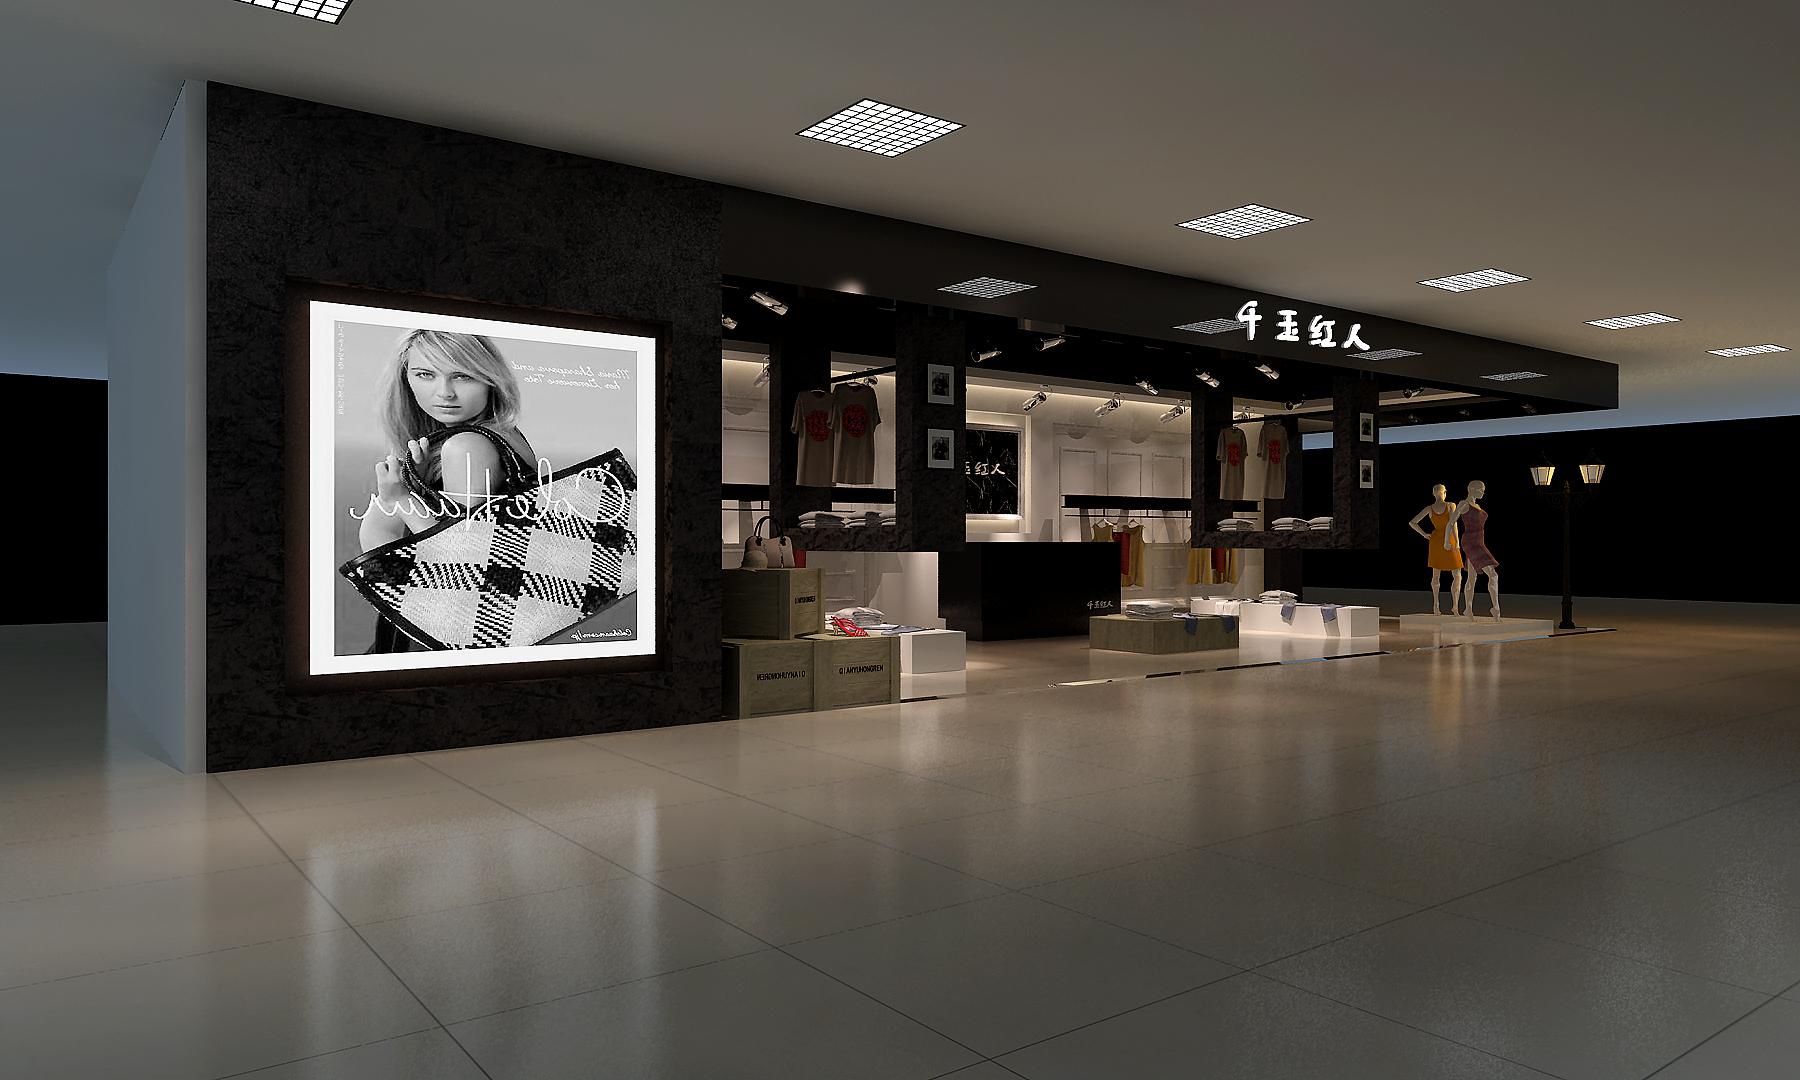 乌鲁木齐皮草专卖店 空间 展示设计  wangzhongsai